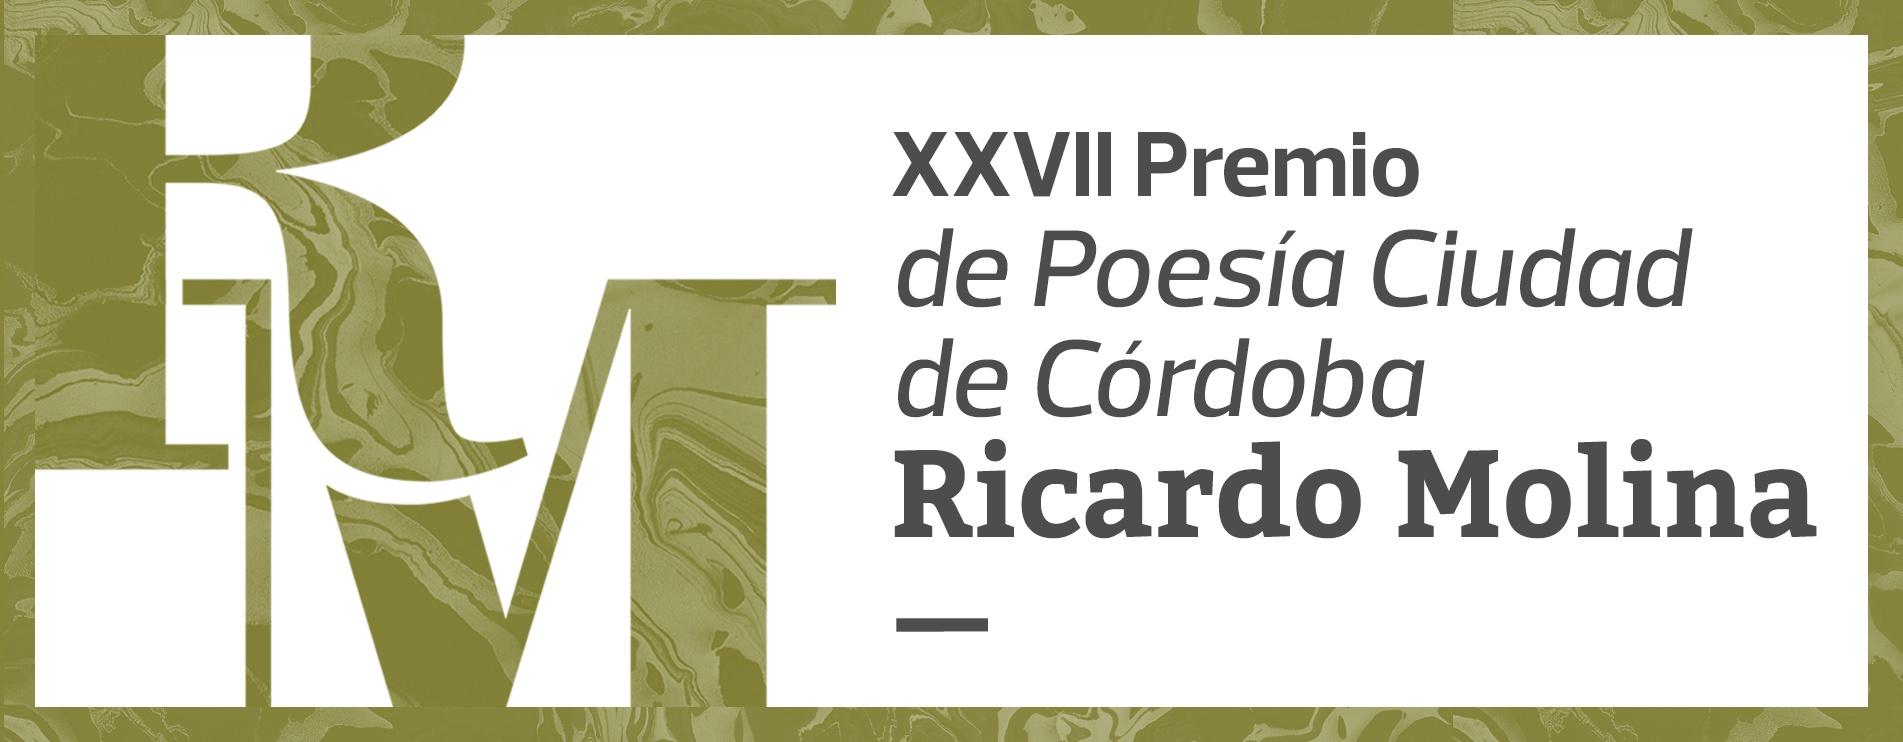 """XXVII Premio de Poesía Ciudad de Córdoba """"Ricardo Molina"""""""